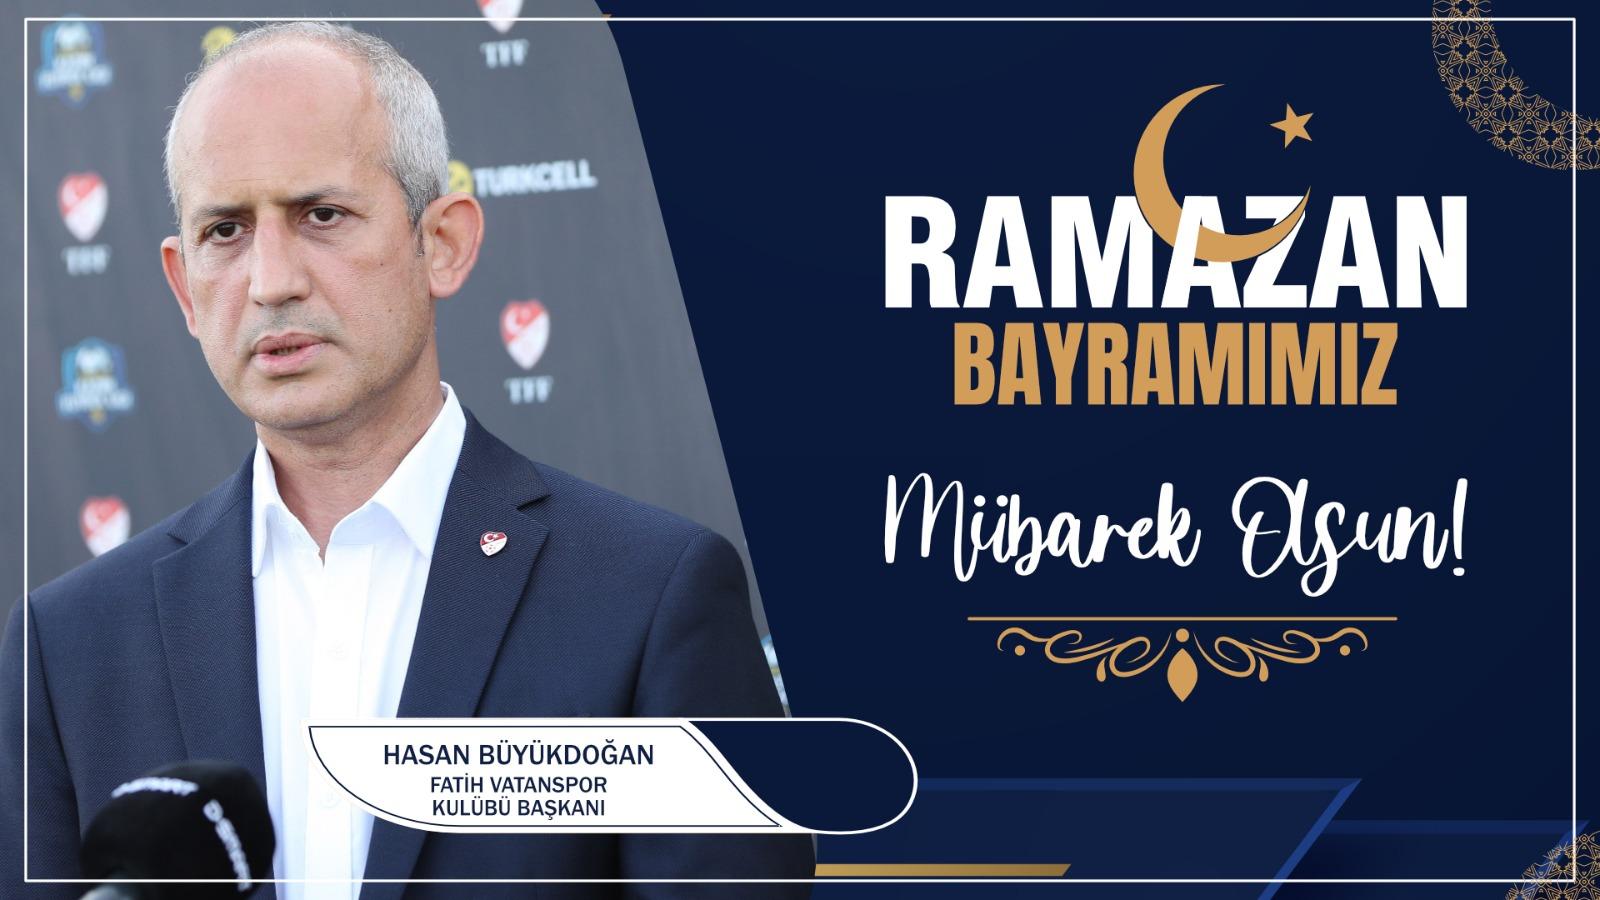 Hasan Büyükdoğan'dan Ramazan Bayramı Kutlama Mesajı